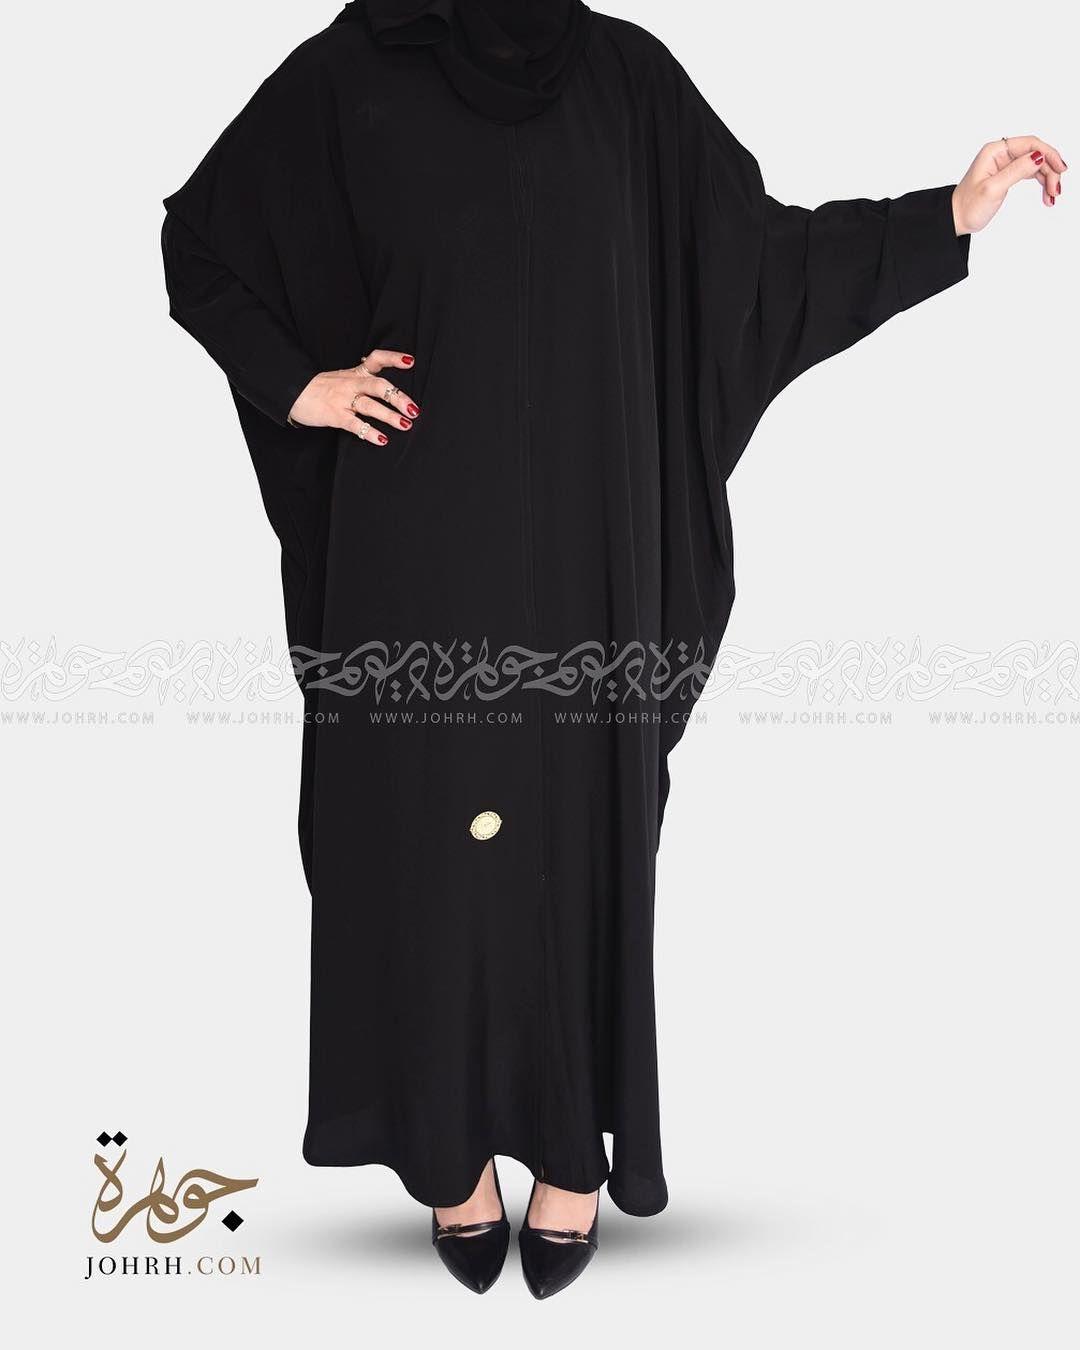 رقم الموديل 1411 السعر بعد الخصم 195 ريال عباية خالية من التفاصيل تمتاز قصتها الواسعة مع أكمام ضيقة بقماش الكريب الملكي ذو السو Mini Dress Fashion Dresses